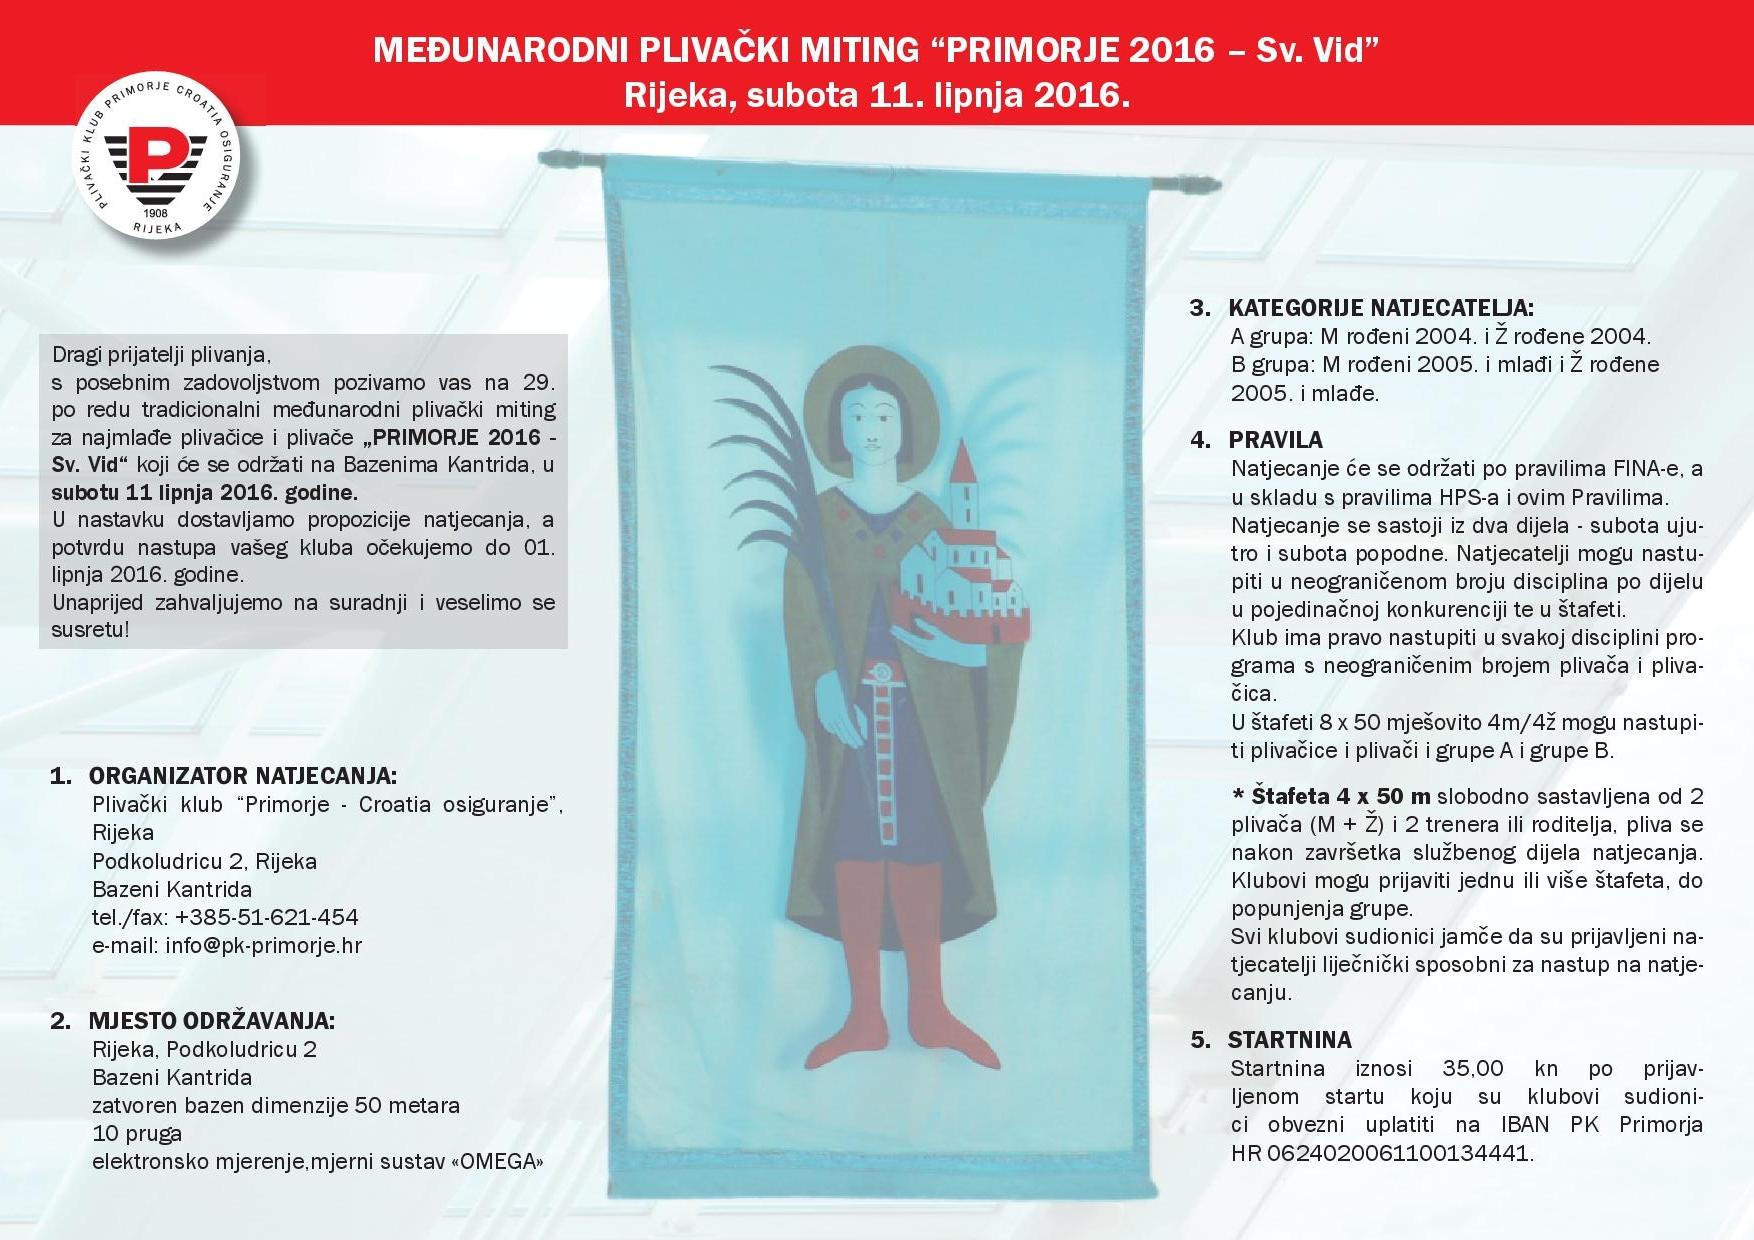 Пропозиције на хрватском језију, језику организатора, страна 1